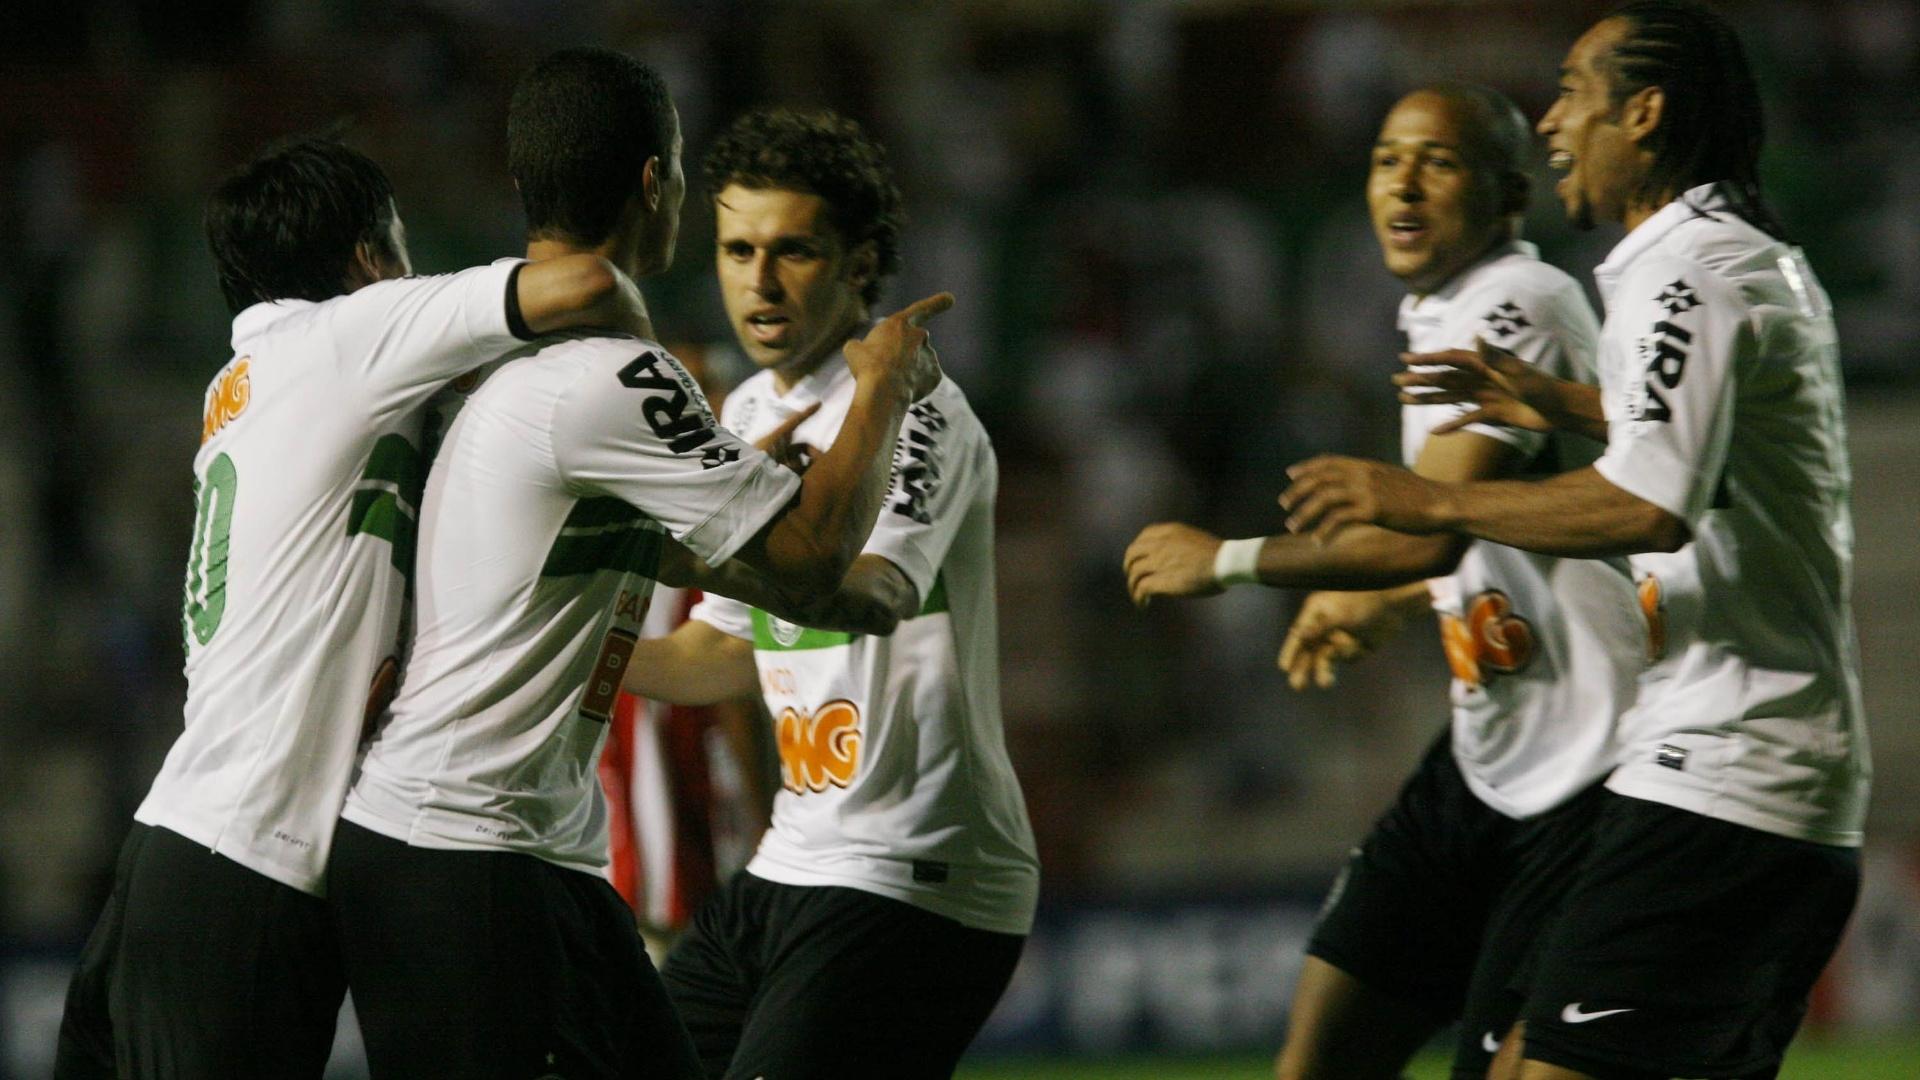 Jogadores do Coritiba comemoram um dos gols da equipe na vitória por 4 a 3 sobre o Náutico